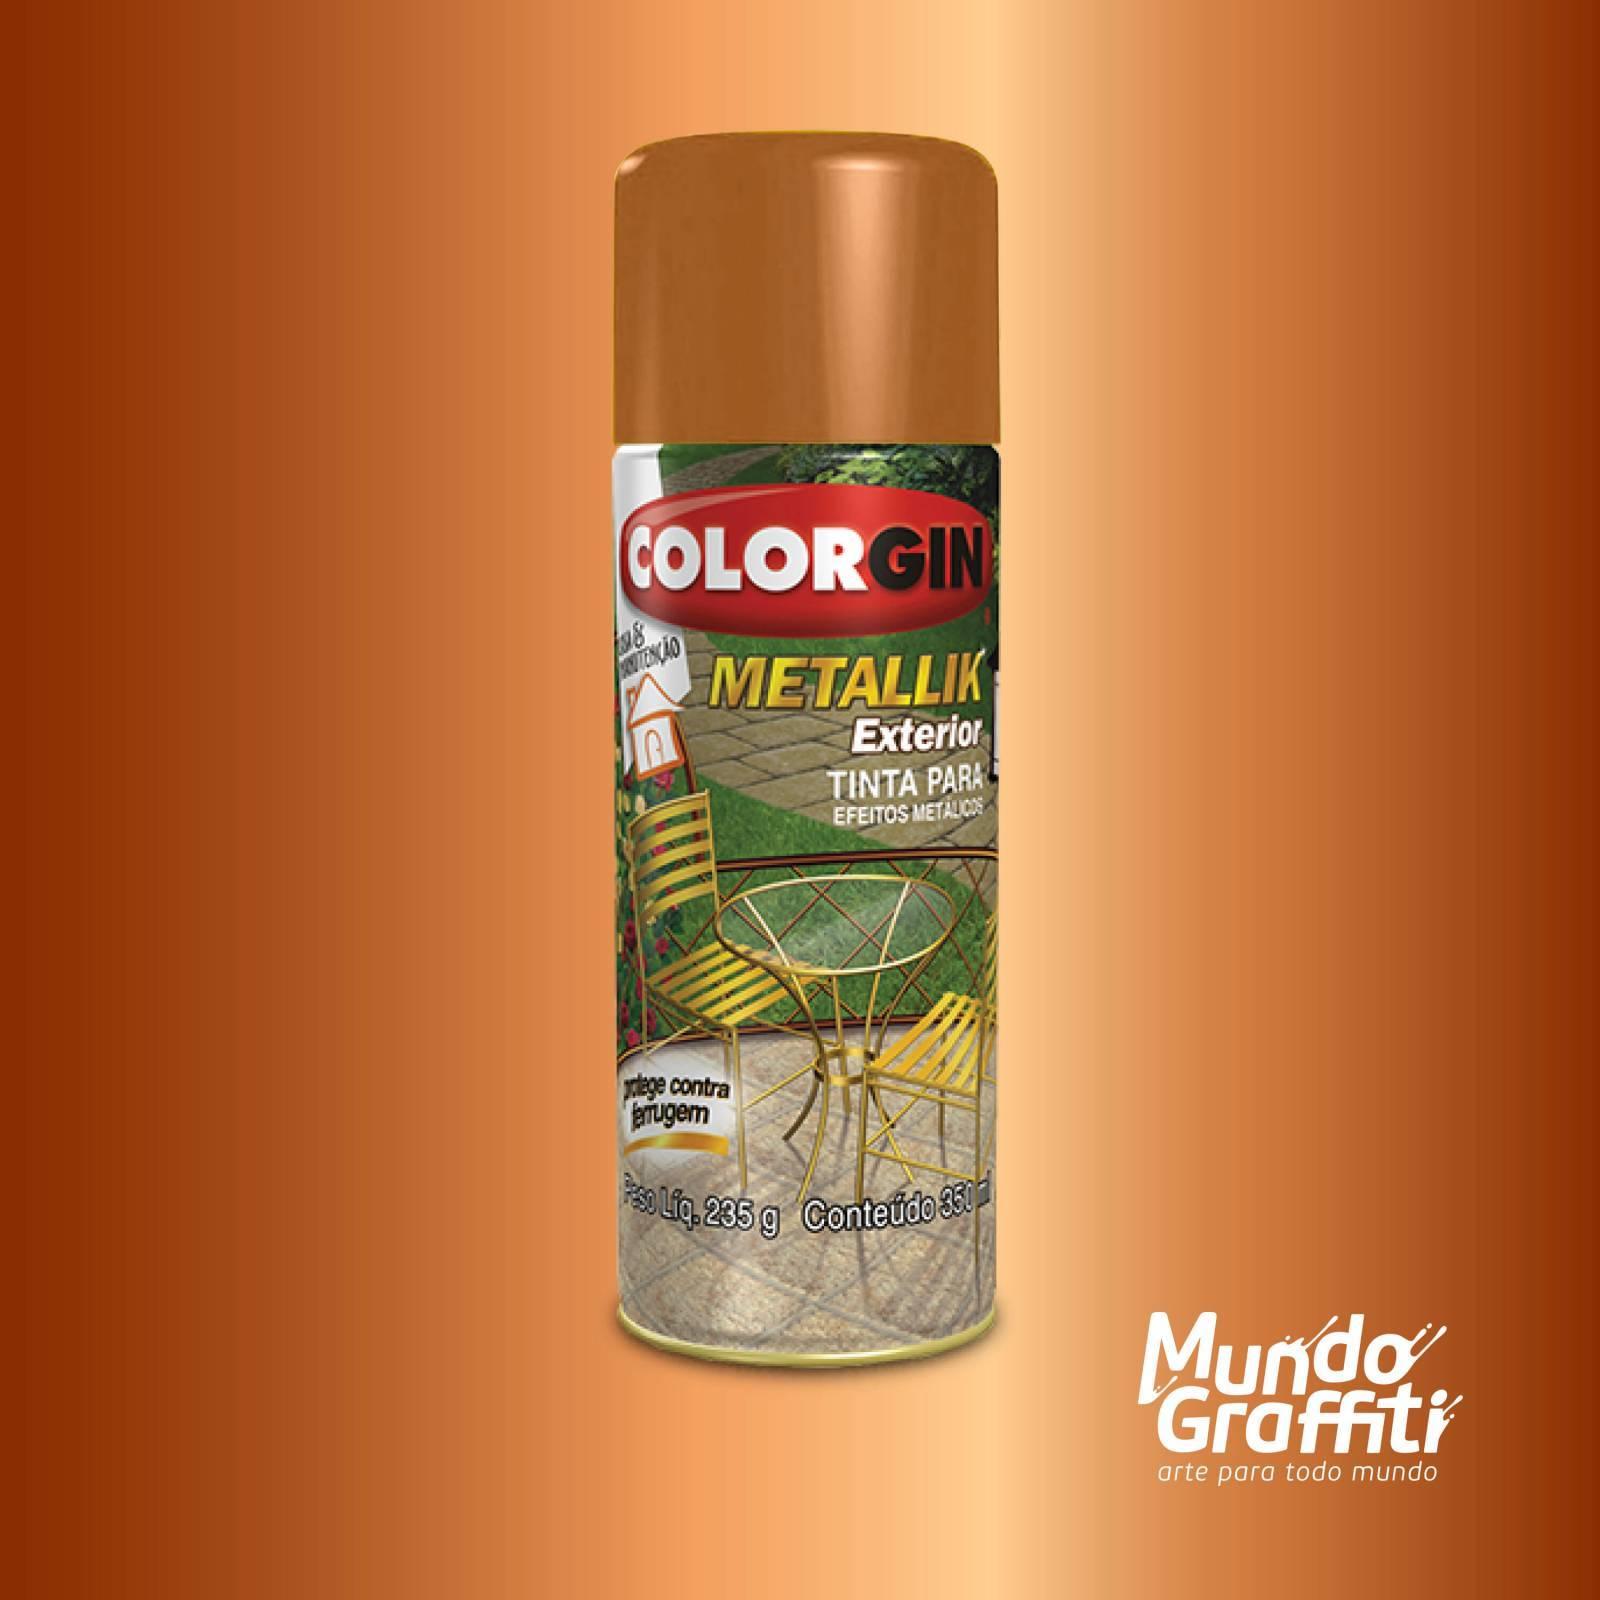 Tinta Spray Colorgin Metallik Exterior 65 Cobre 350ml - Mundo Graffiti